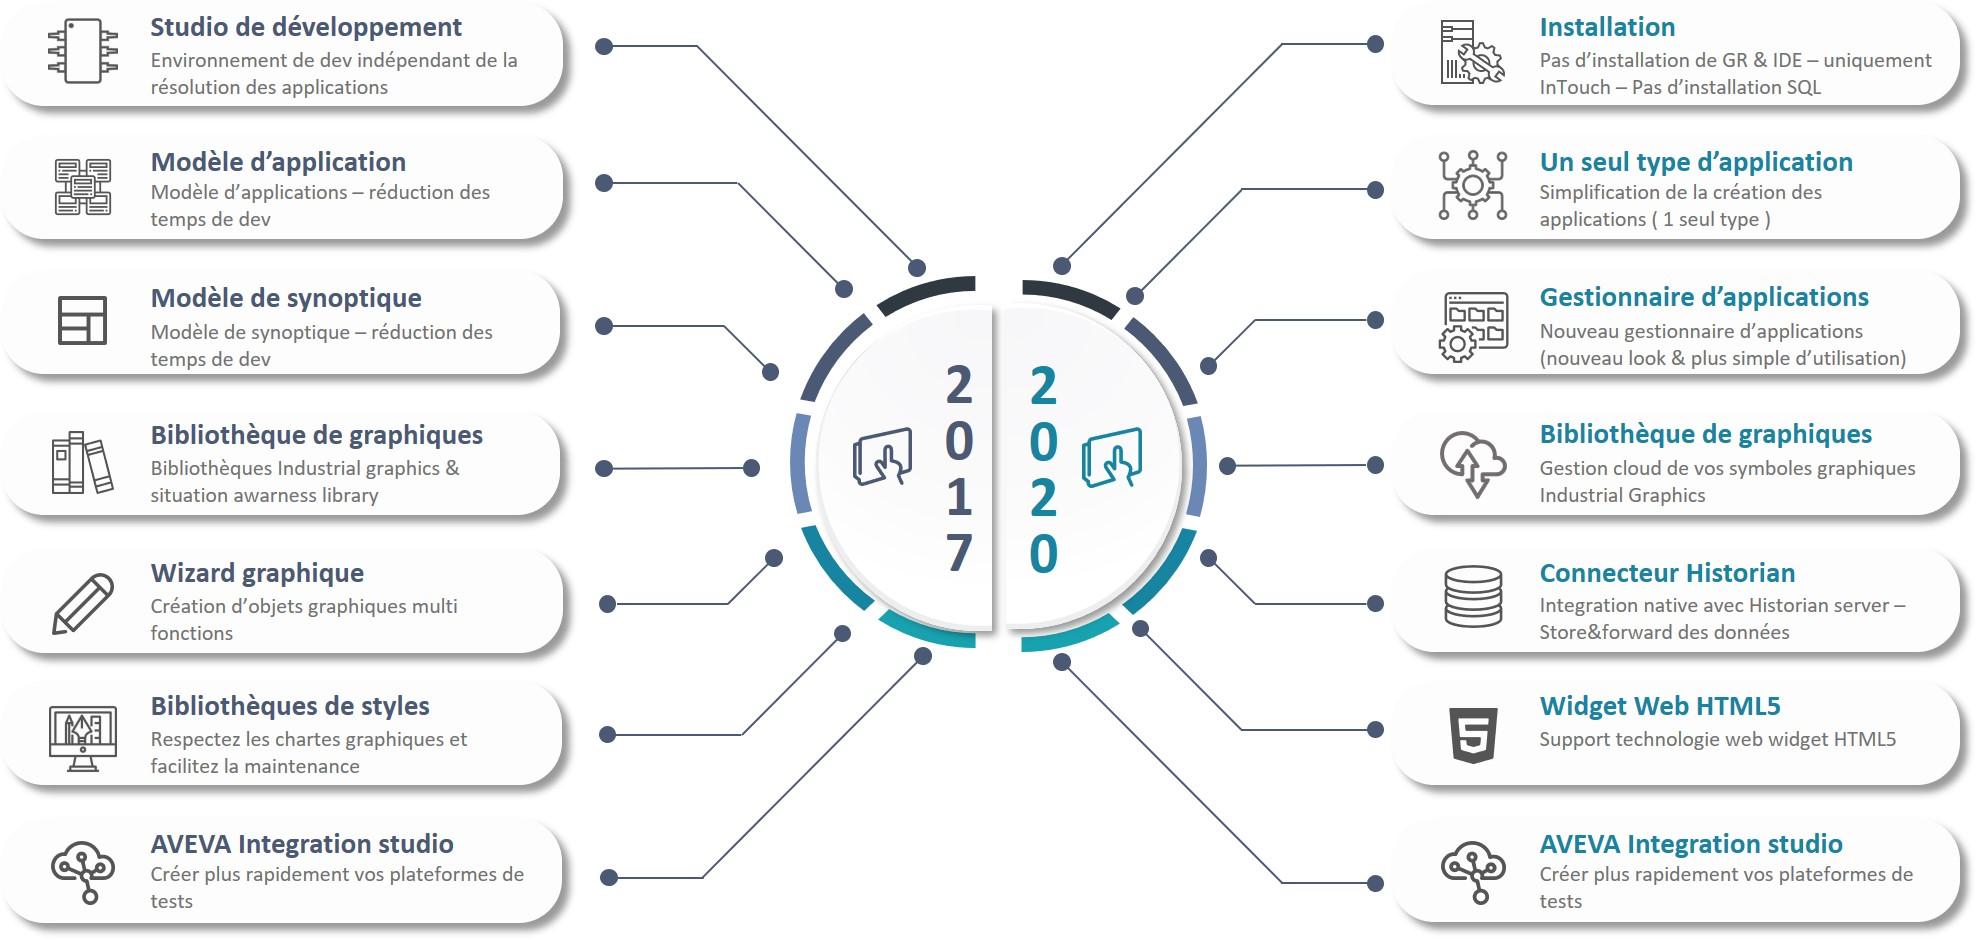 AVEVA InTouch HMI 2020 – Nouvelles fonctionnalités au bénéfice des développeurs